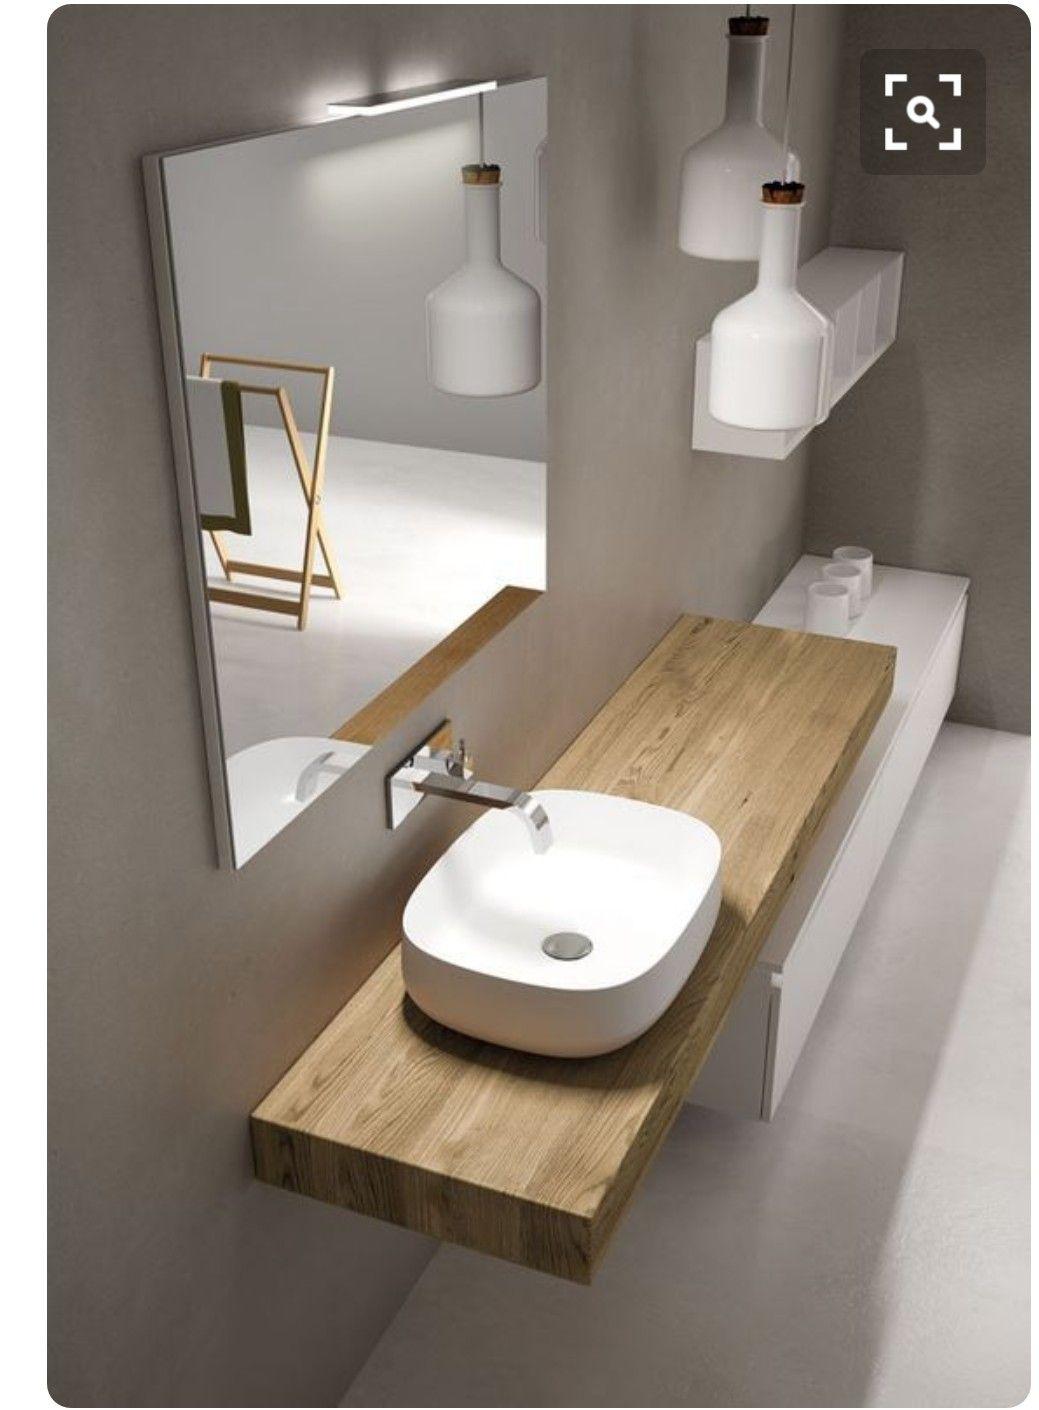 Badezimmerspiegel mit Leuchte und AluVollverblendung